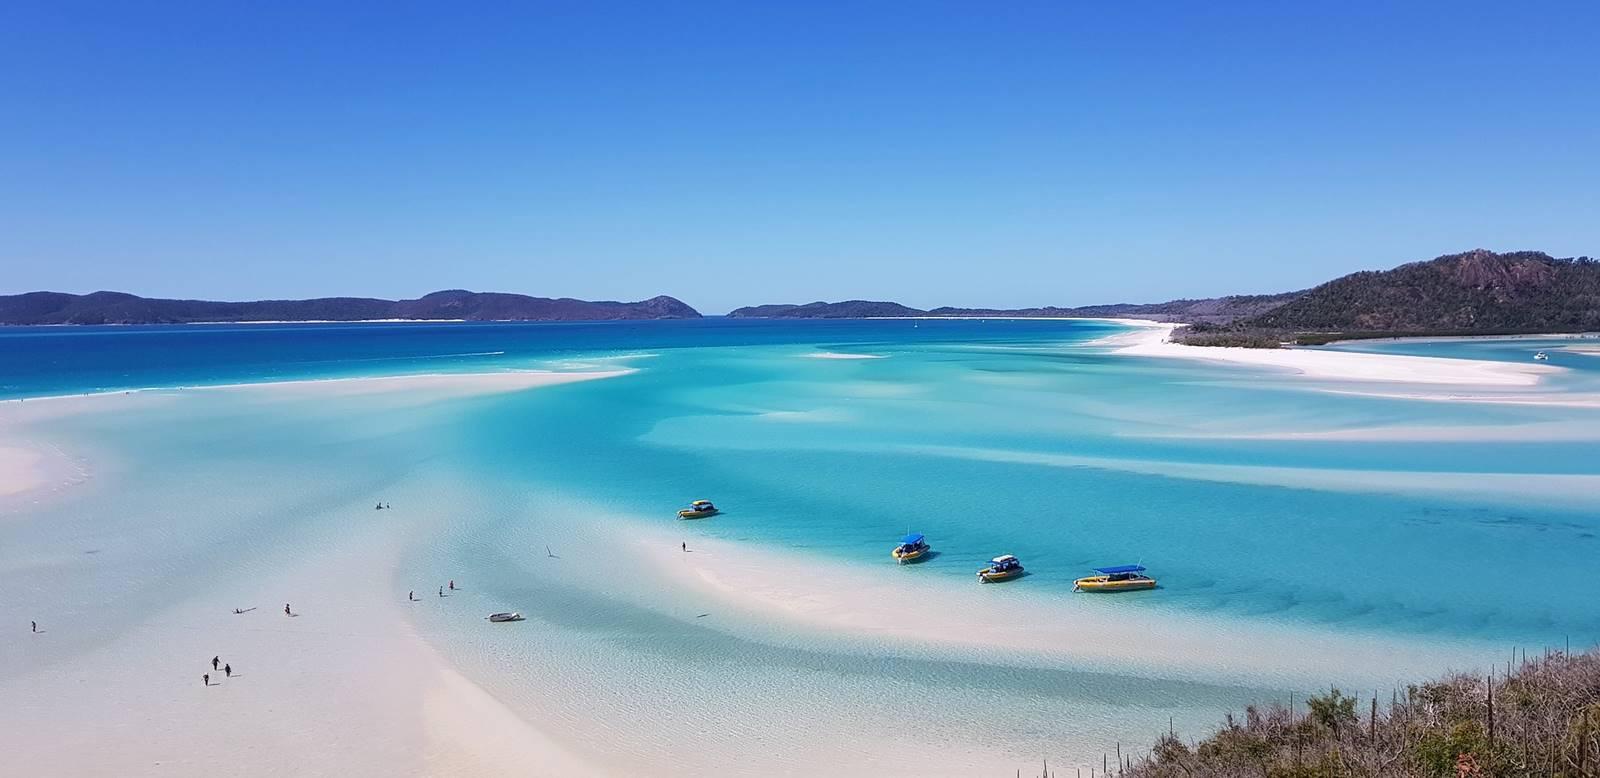 澳洲-澳洲旅遊-澳洲自由行-澳洲景點-遊記-澳洲觀光-推薦-澳洲地圖-Australia-聖靈群島-白天堂海灘-Whitsundays